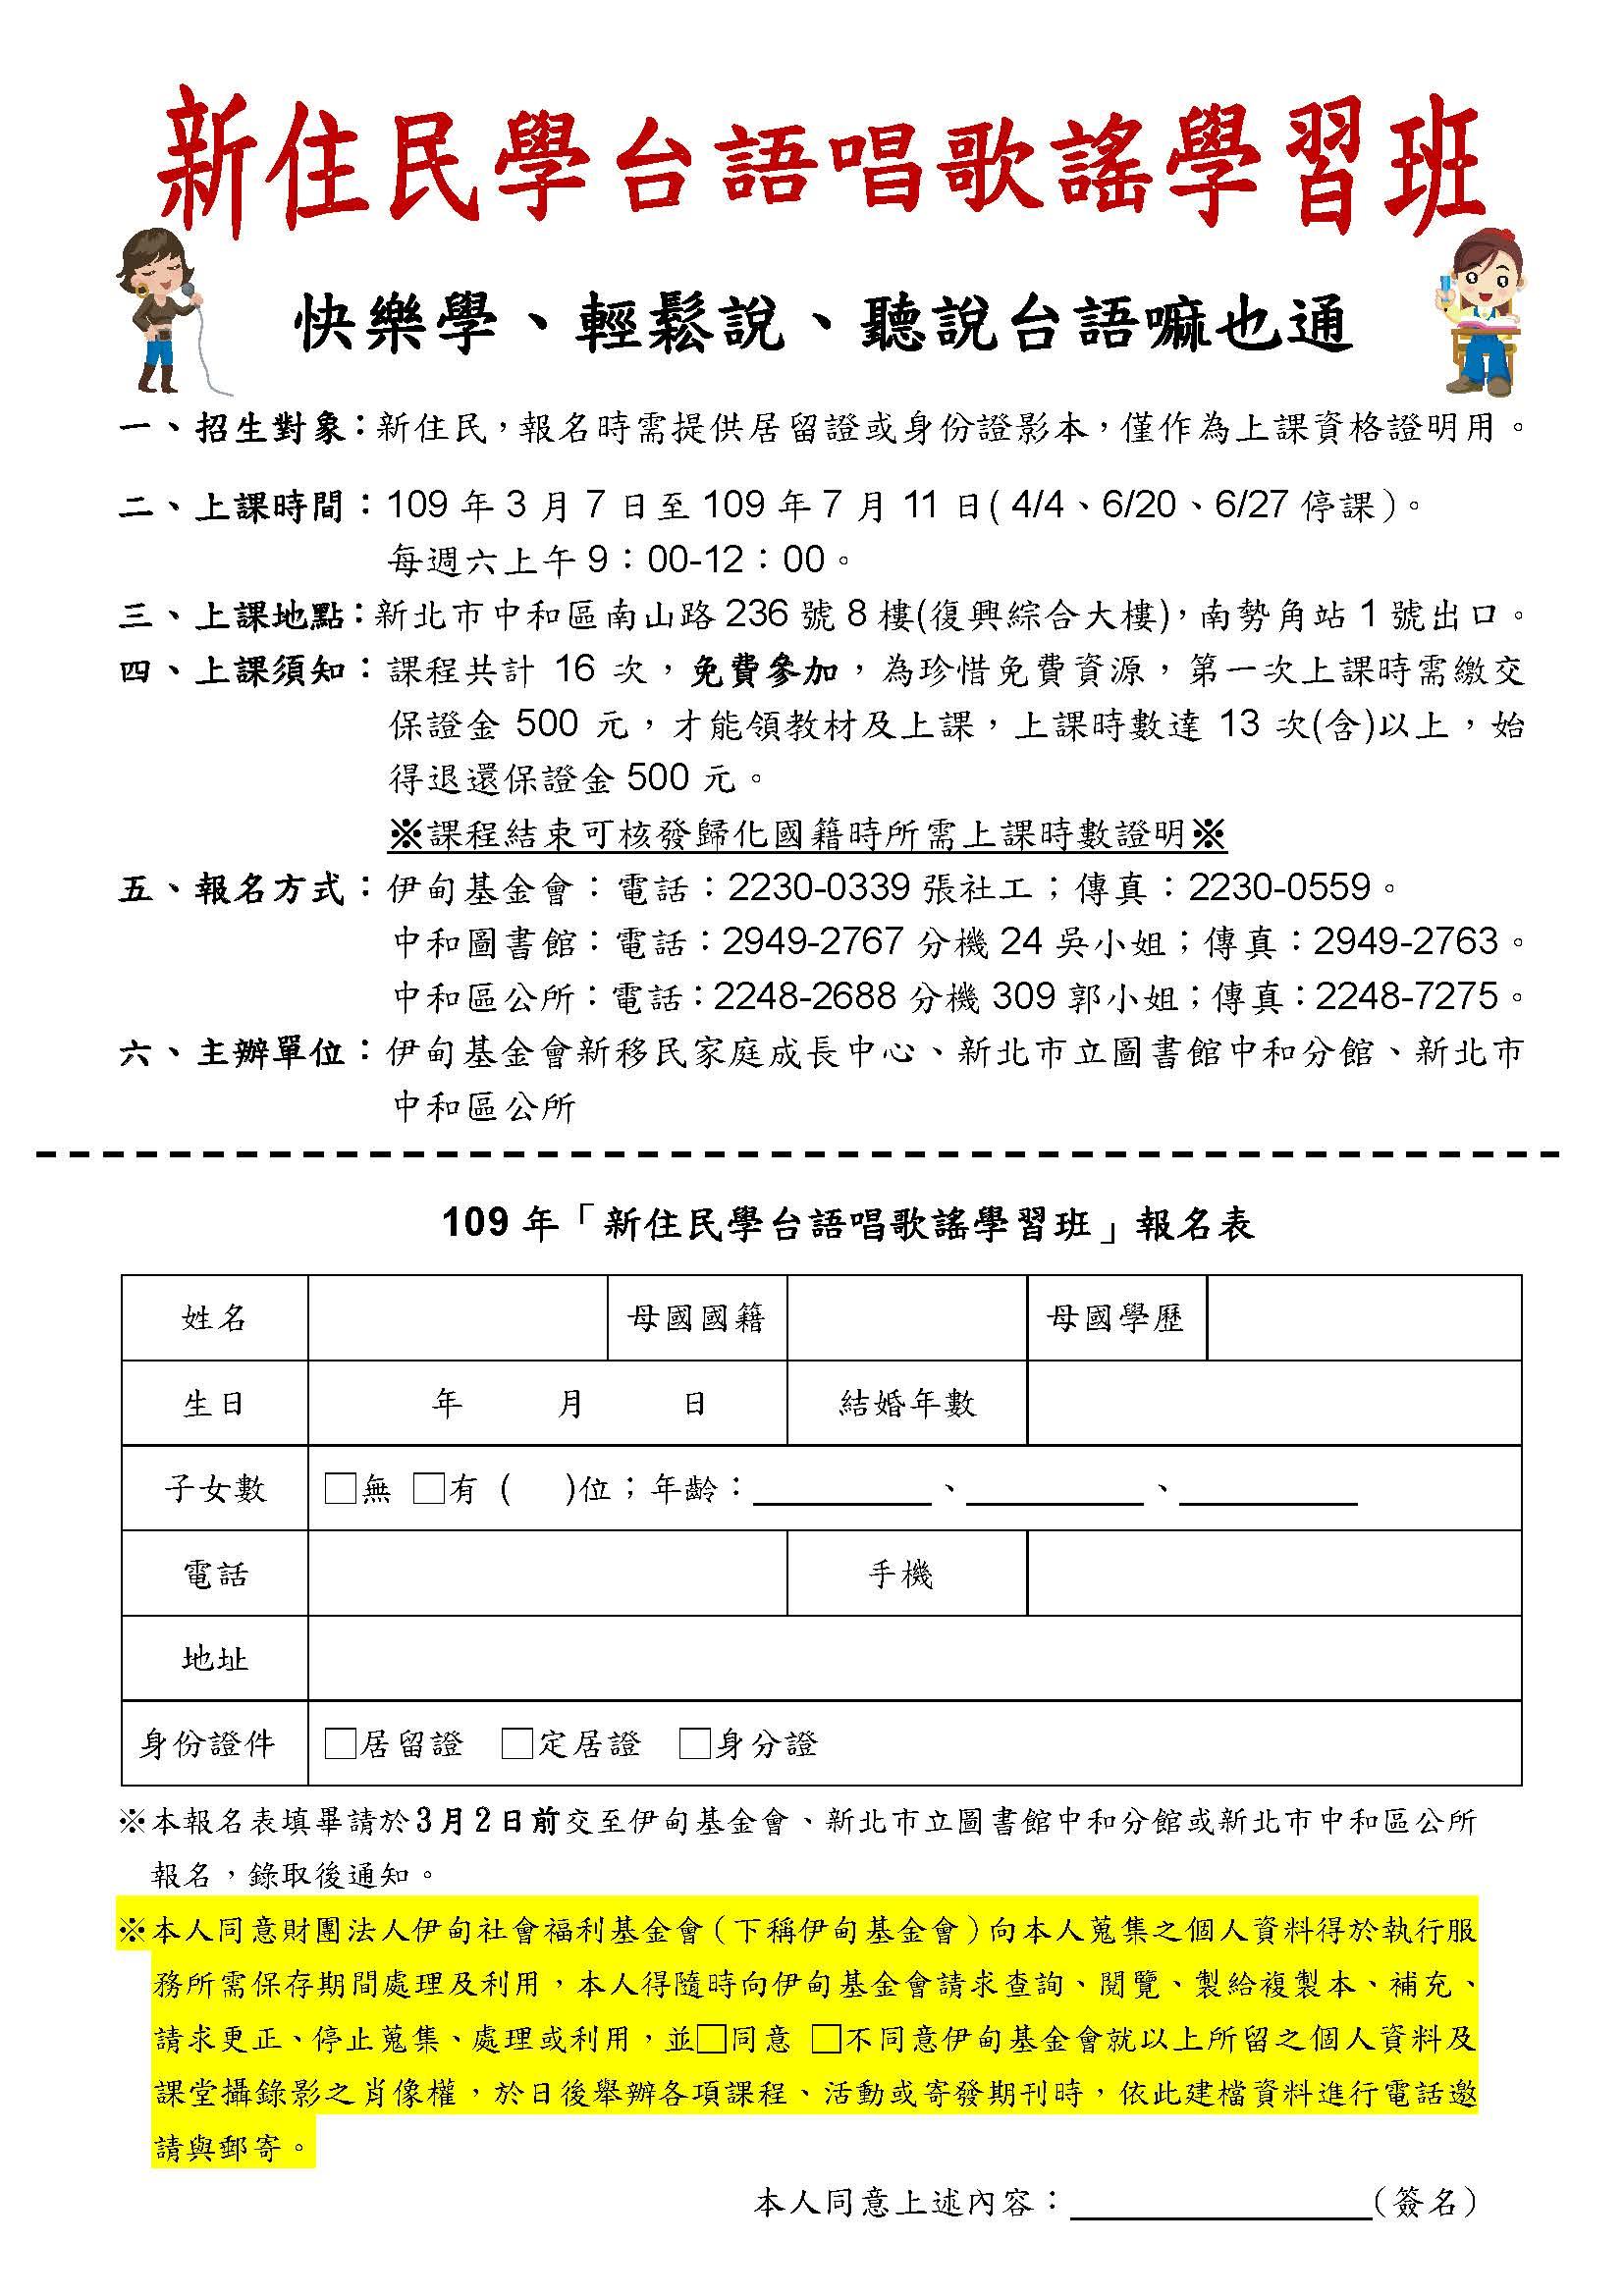 Lớp học hát tiếng Đài dành cho Tân di dân